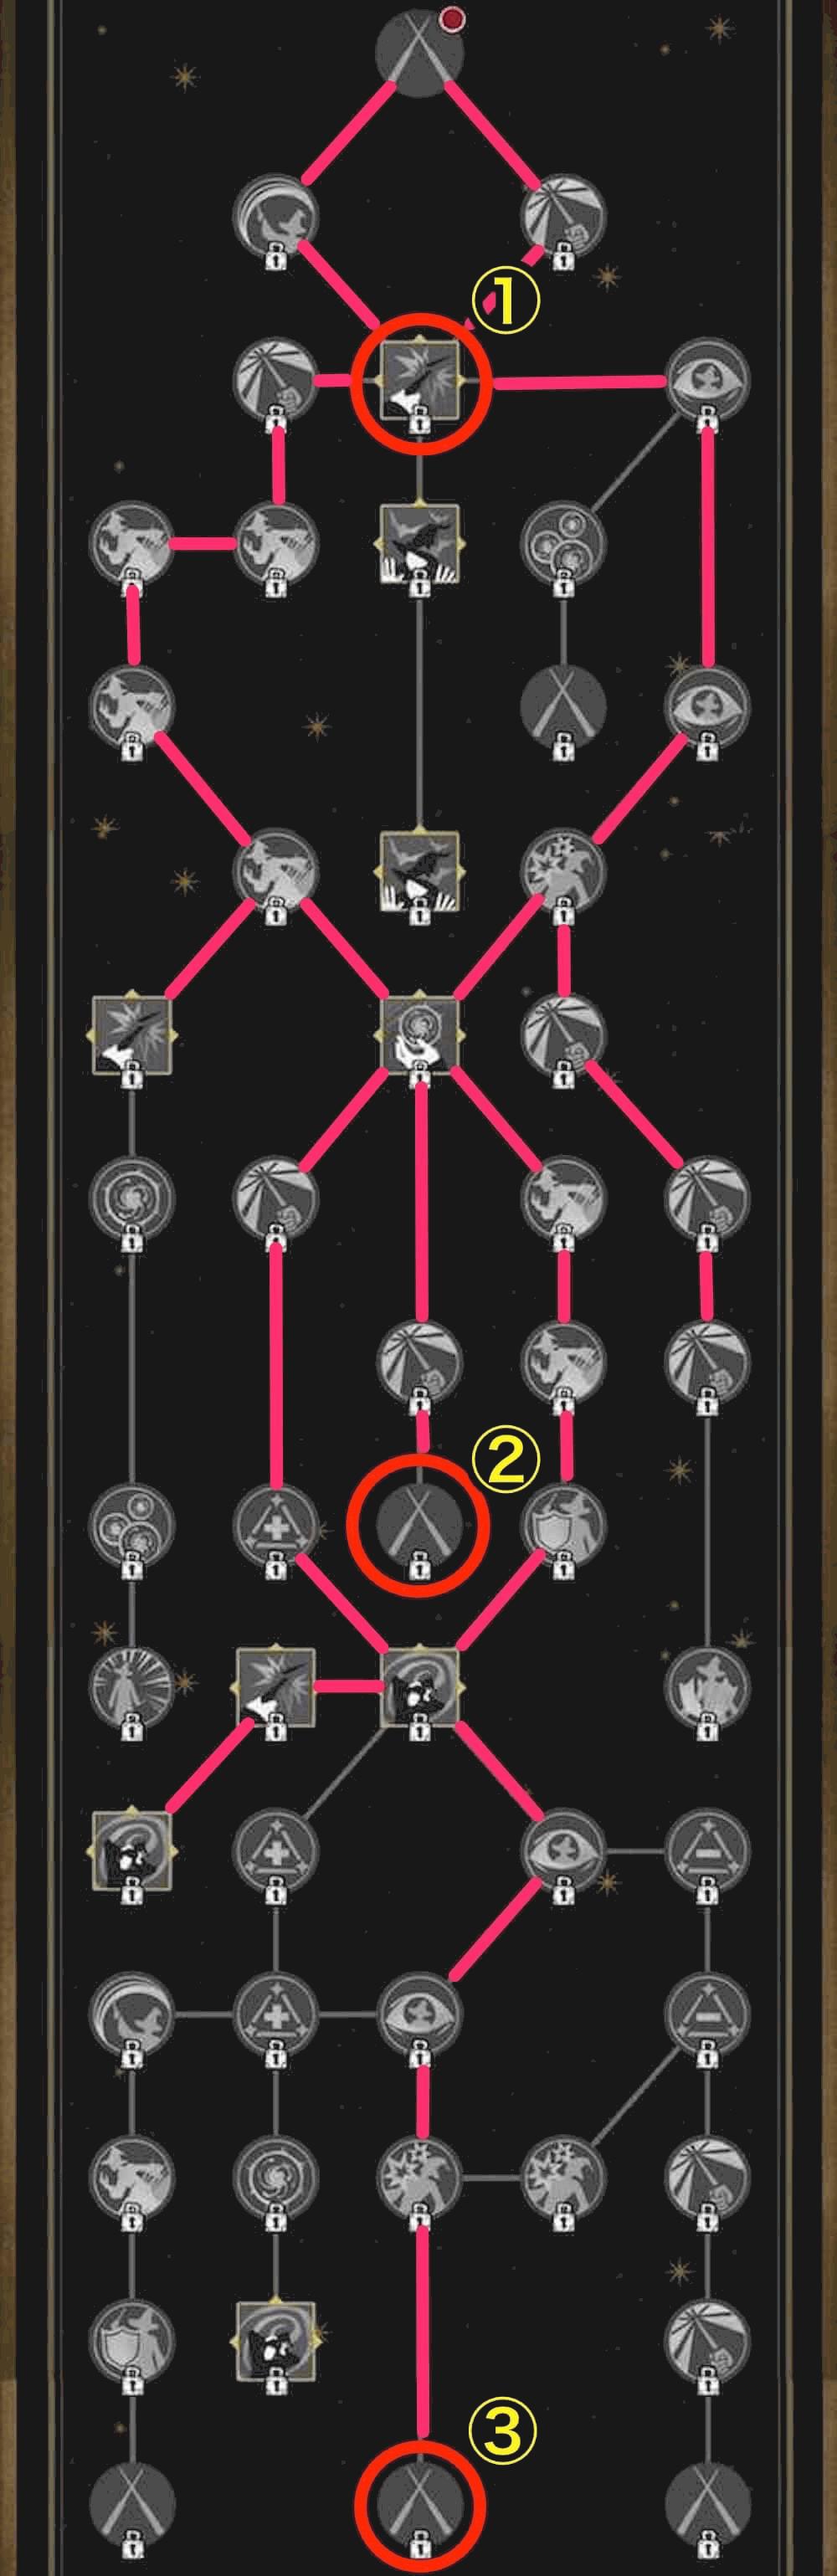 ノート マスター 魔法 同盟